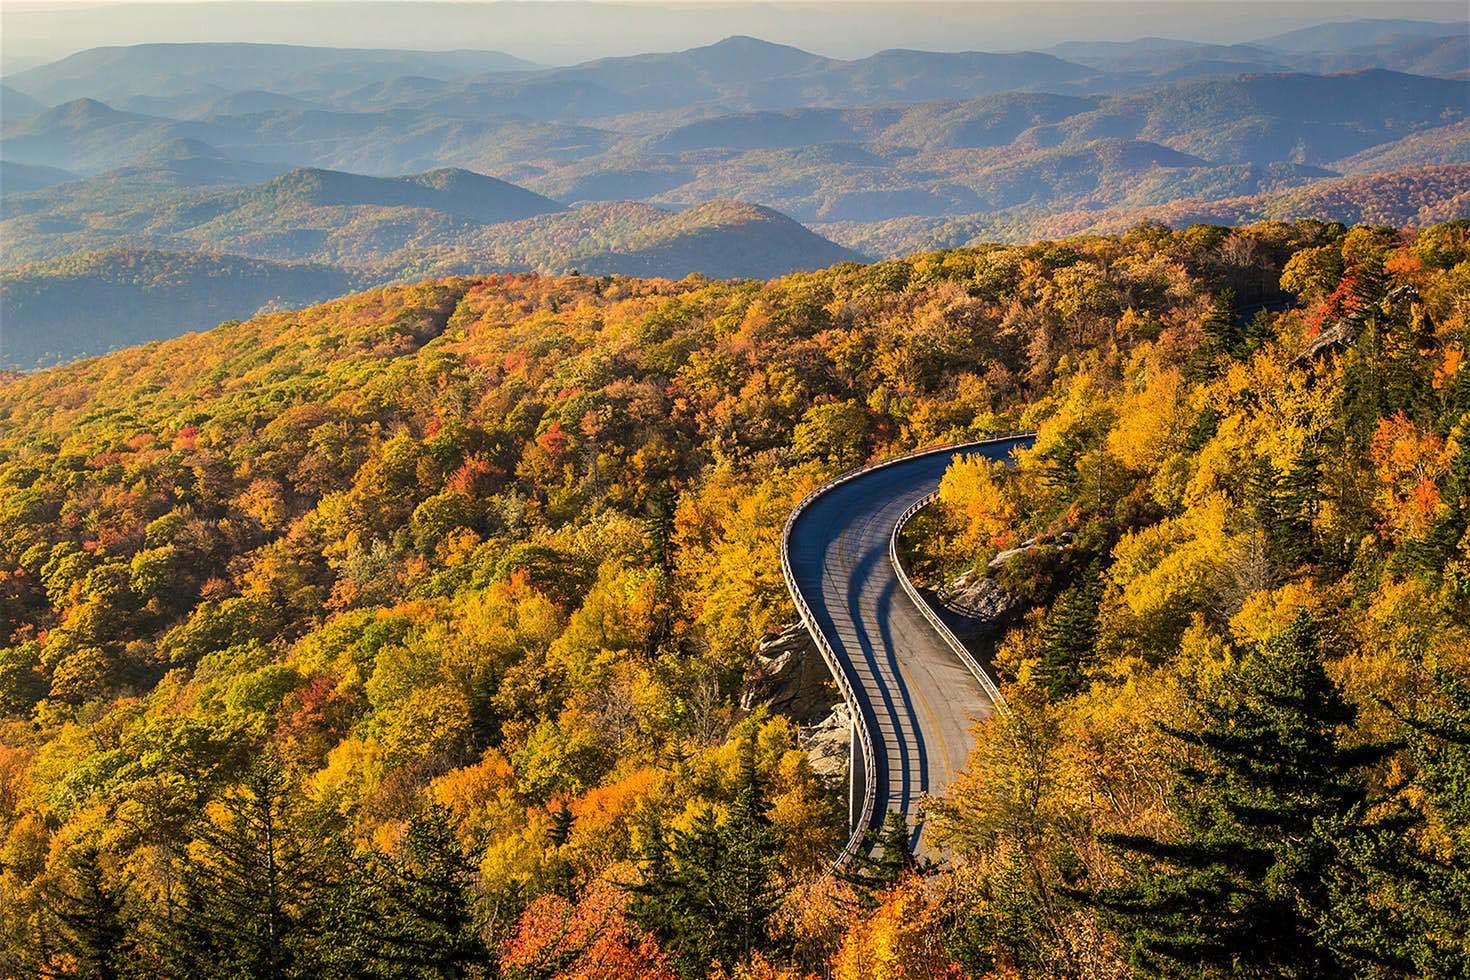 Blue Ridge Parkway una carretera donde verás todo tipo de árboles: cornejos rojos, robles color amarillo y zumaques multicolores.